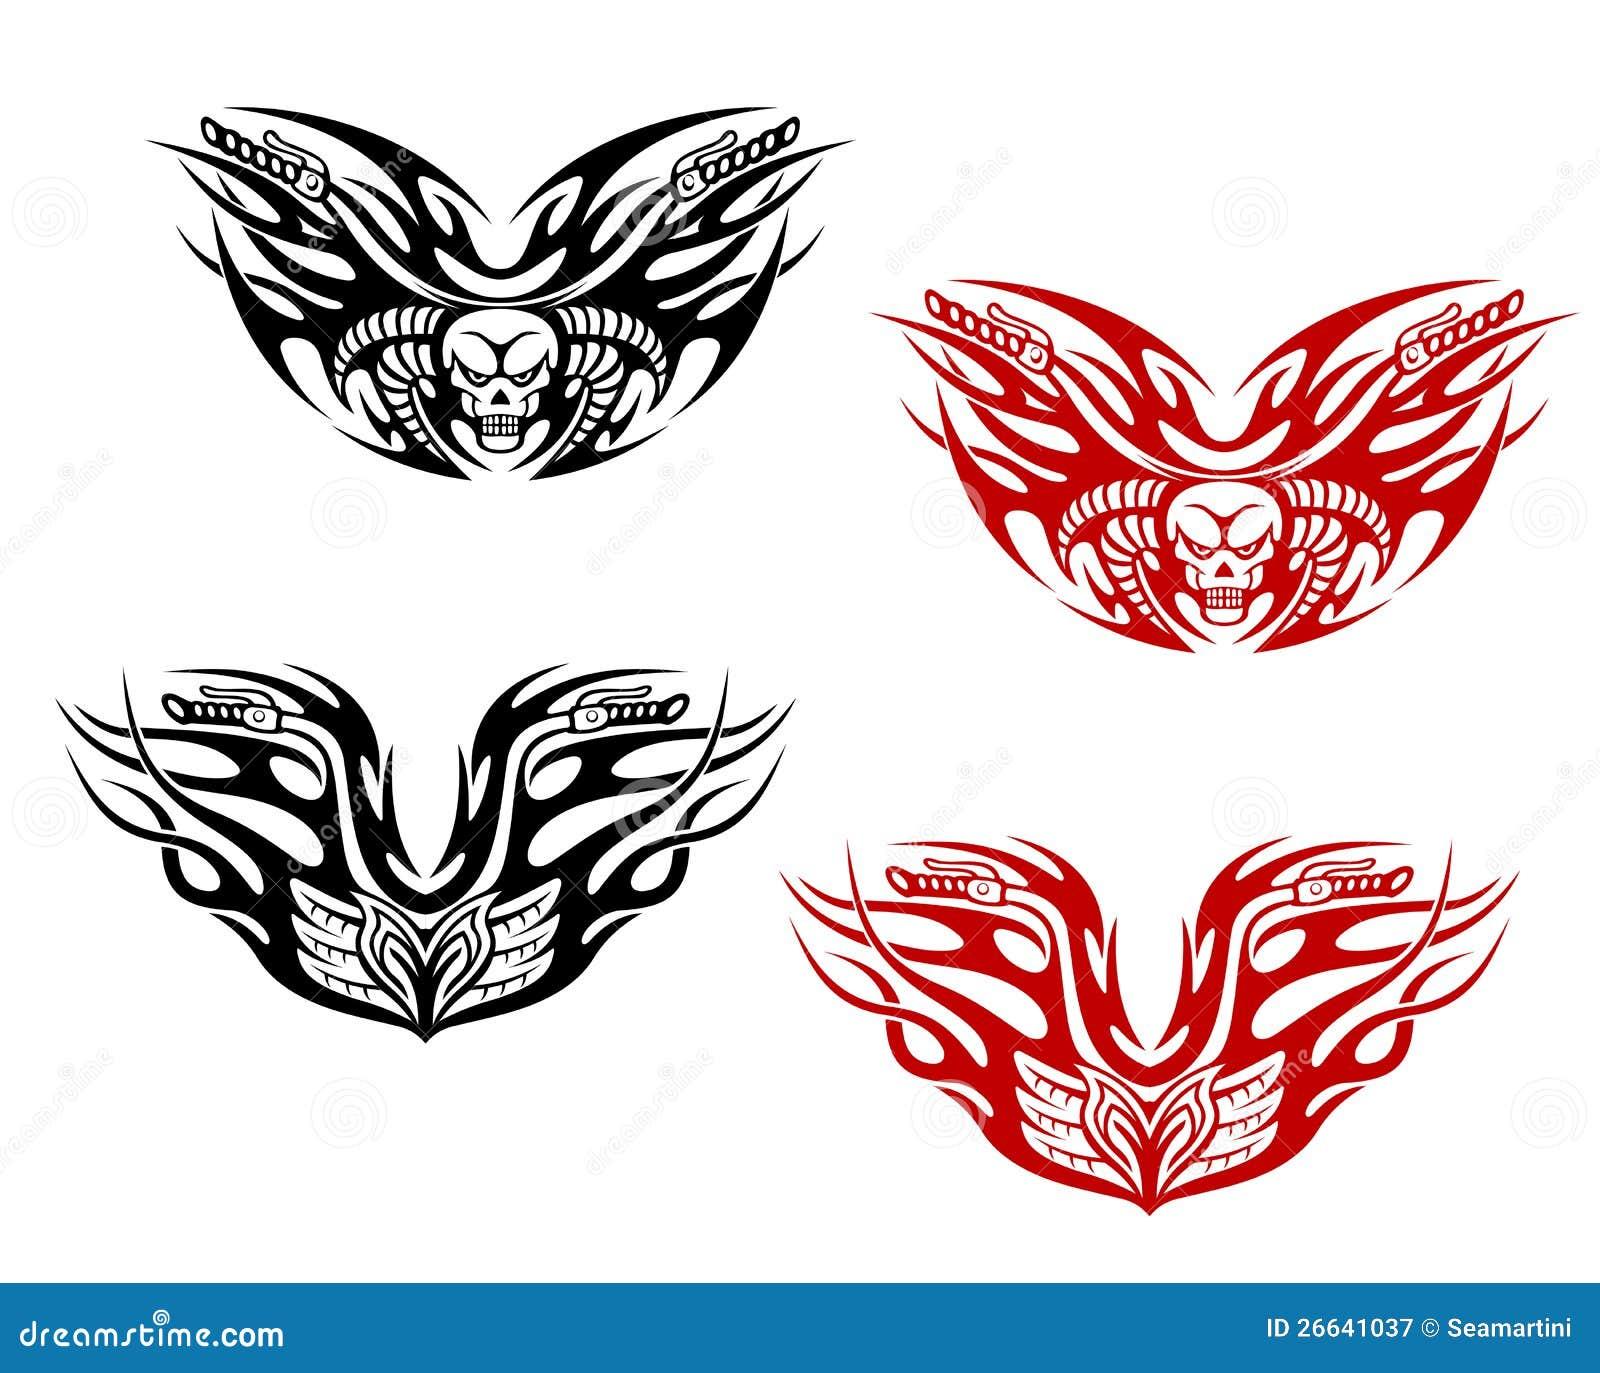 Tatuaggi Dei Motociclisti Con Le Fiamme Illustrazione Vettoriale  26641037